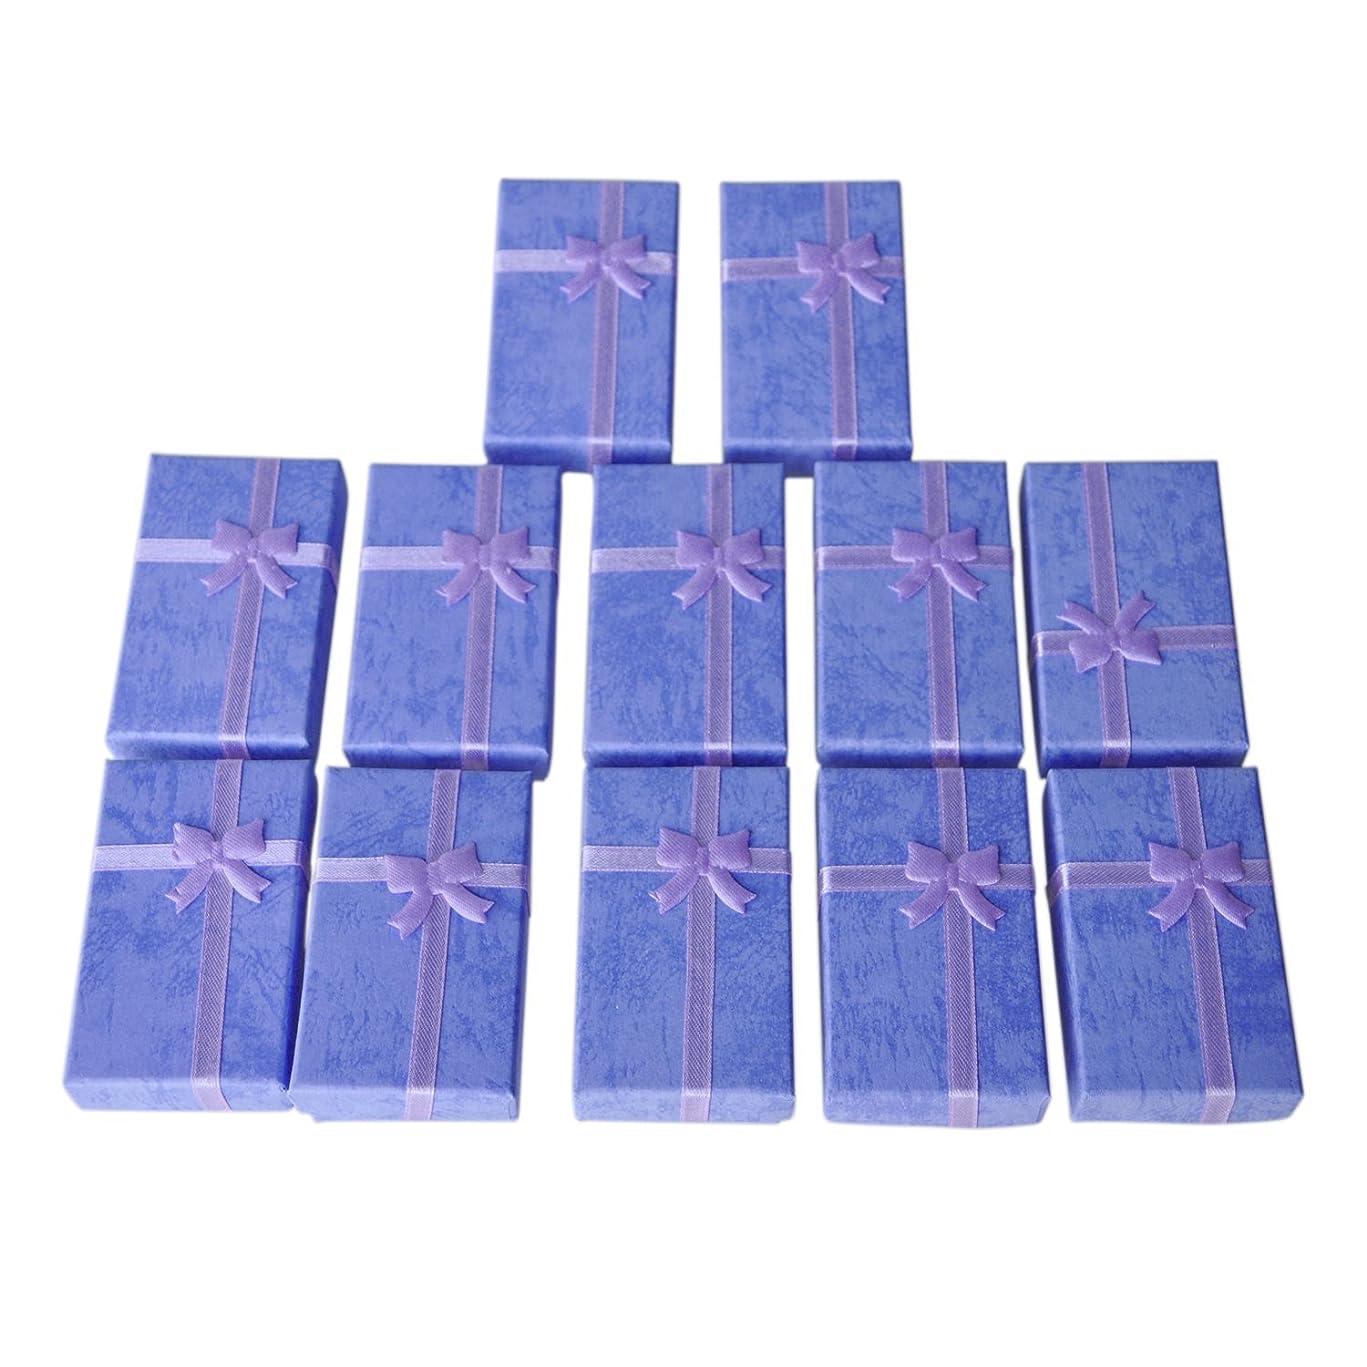 アクチュエータ死んでいる歩き回るTOOGOO 12 x 高級カードボックスペンダントブレスレットバングルイヤリング用ギフトボックス